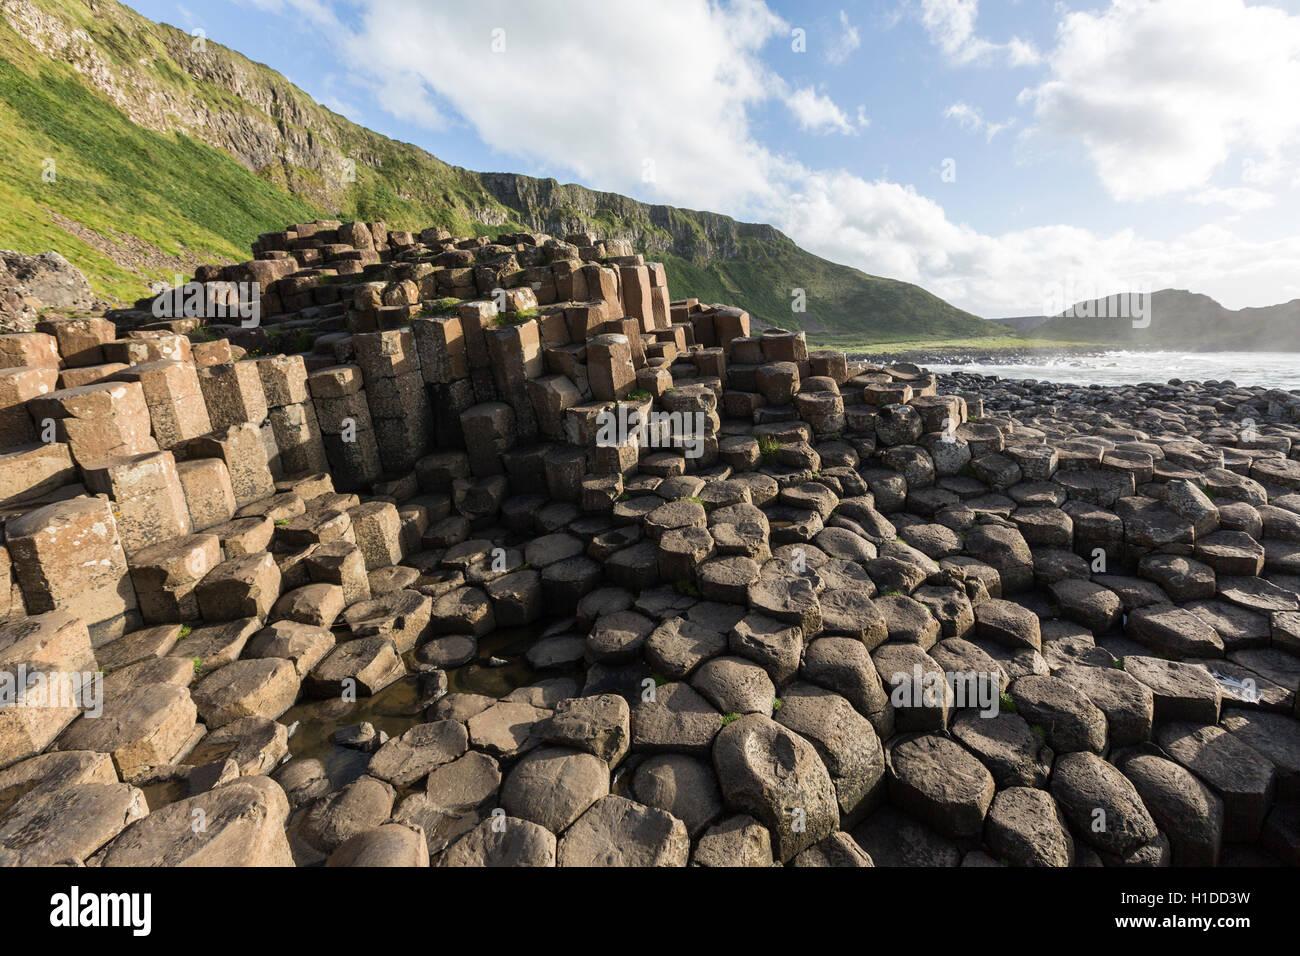 Hafen Ganny am Giant's Causeway, Bushmills, County Antrim, Nordirland, Vereinigtes Königreich Stockbild